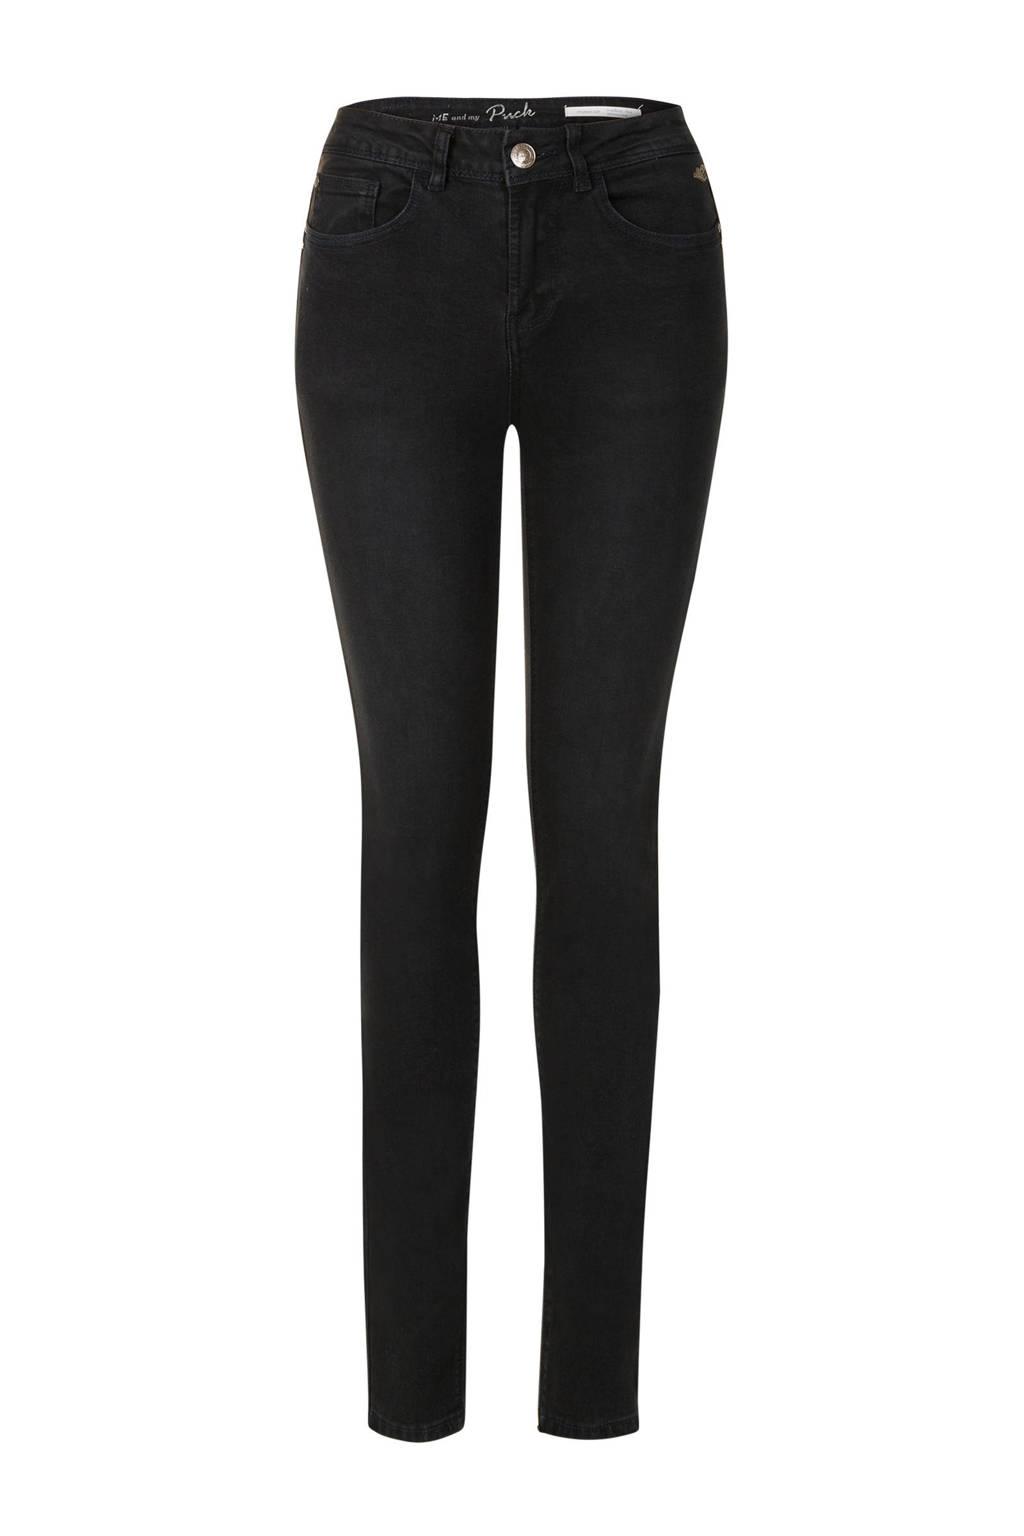 Miss Etam Lang slim fit jeans Puck zwart, Zwart